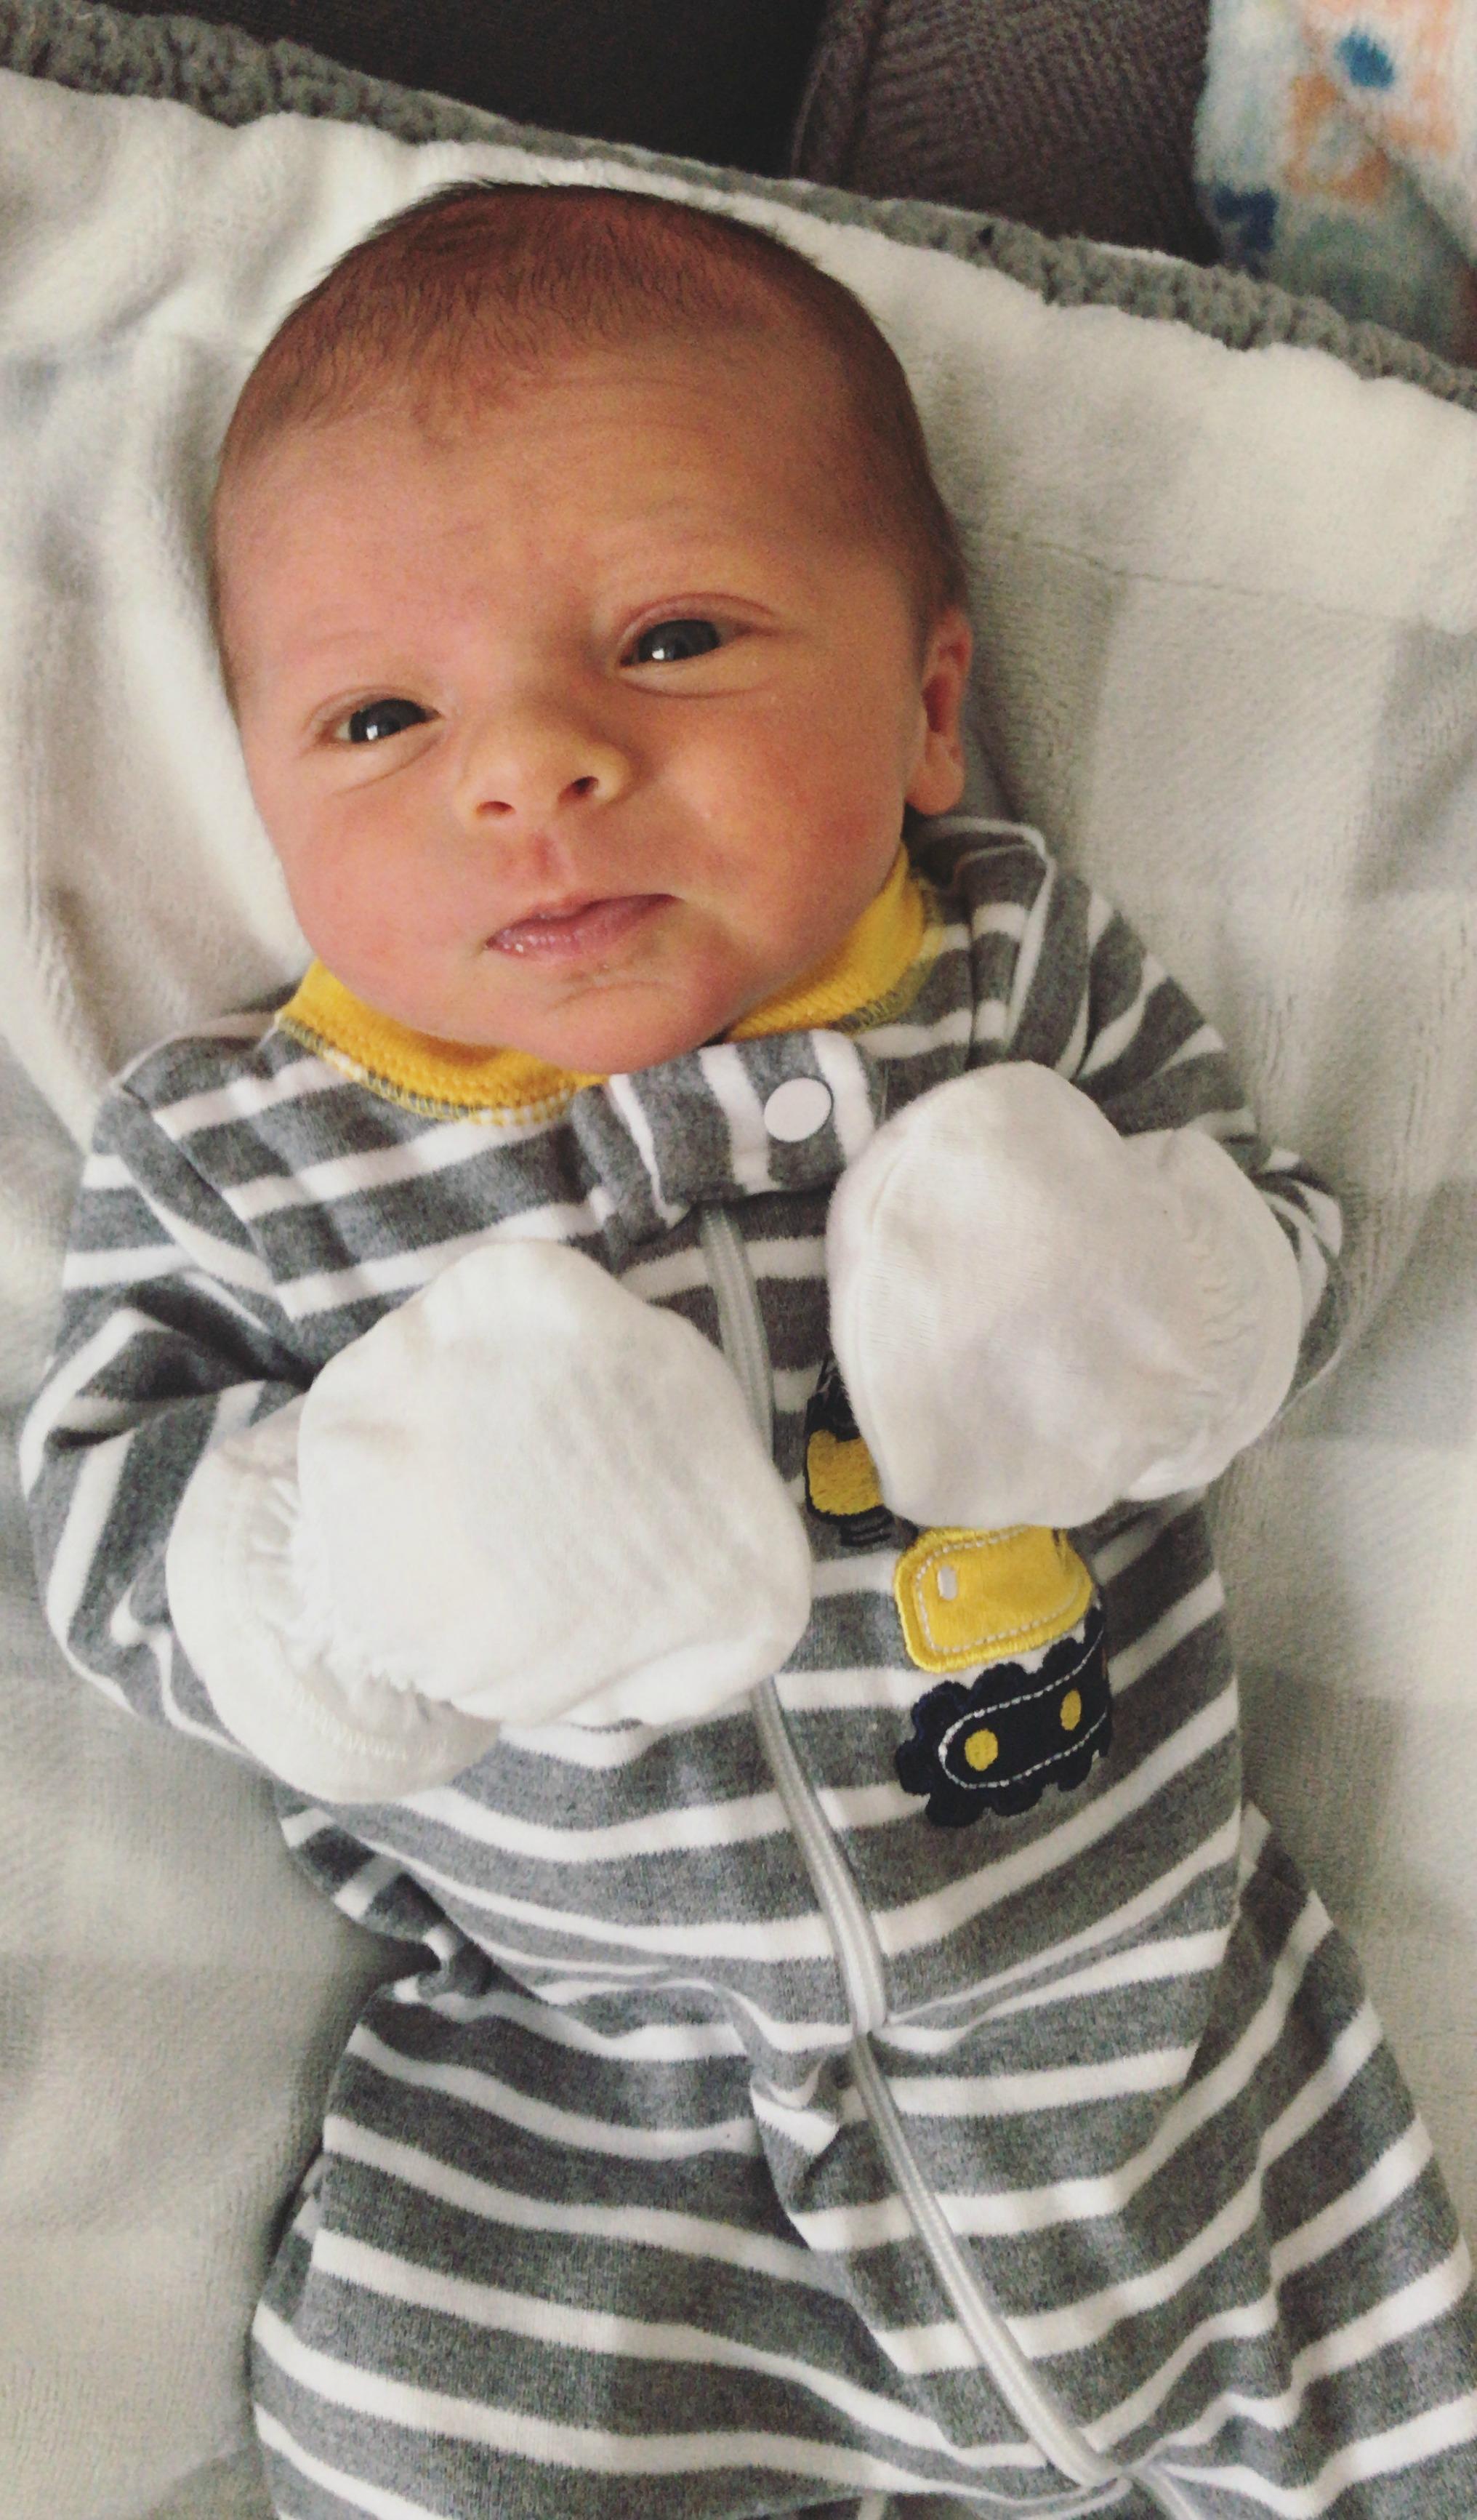 skyler one week old